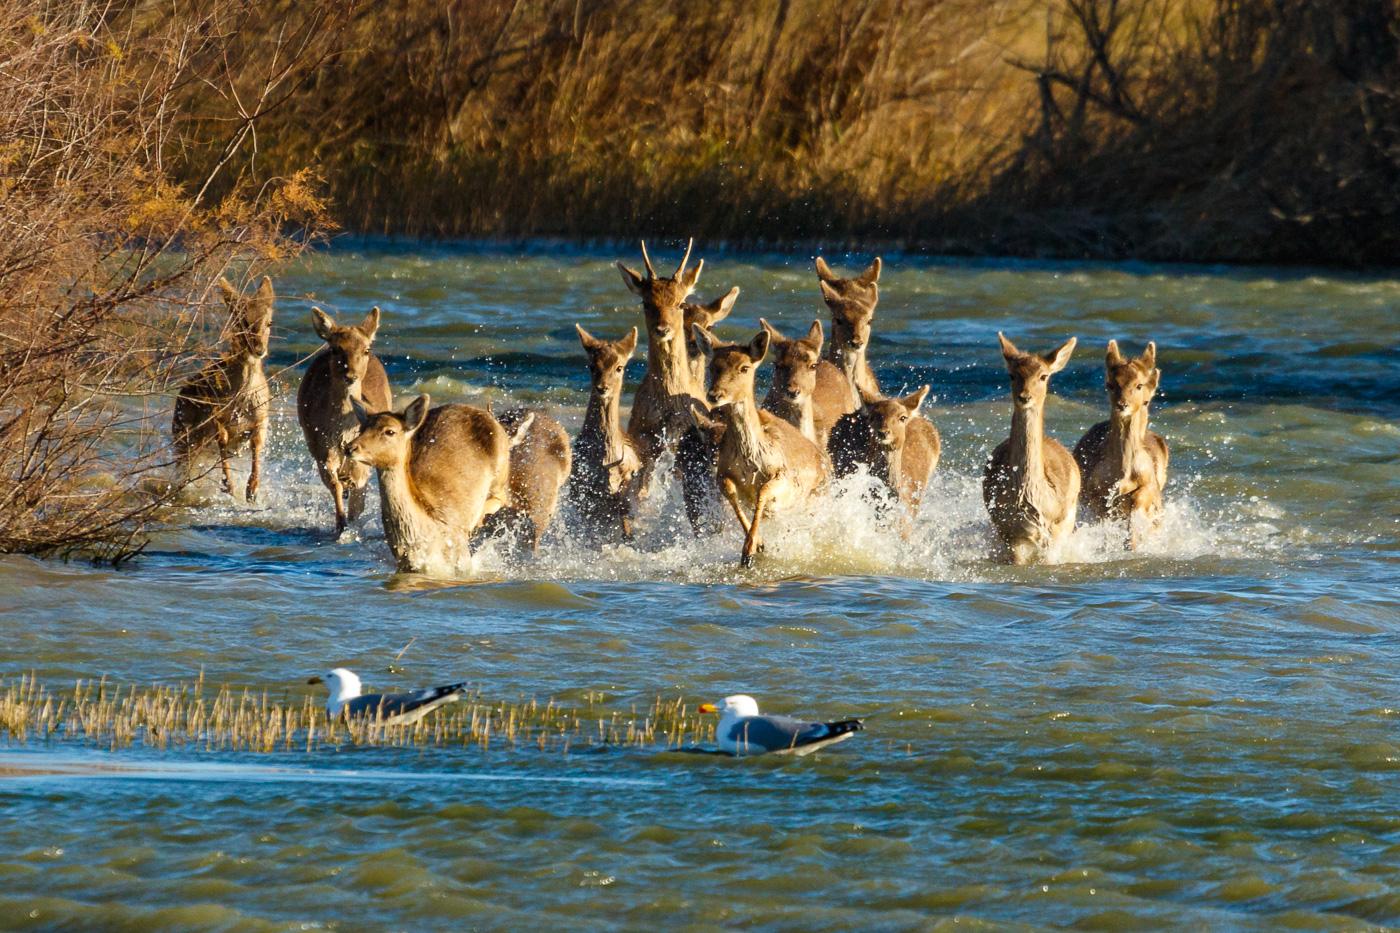 Estampida de daines - Fauna salvatge - Raül Carmona - Fotografia, Fotografia d'estudi, esdeveniments i Natura